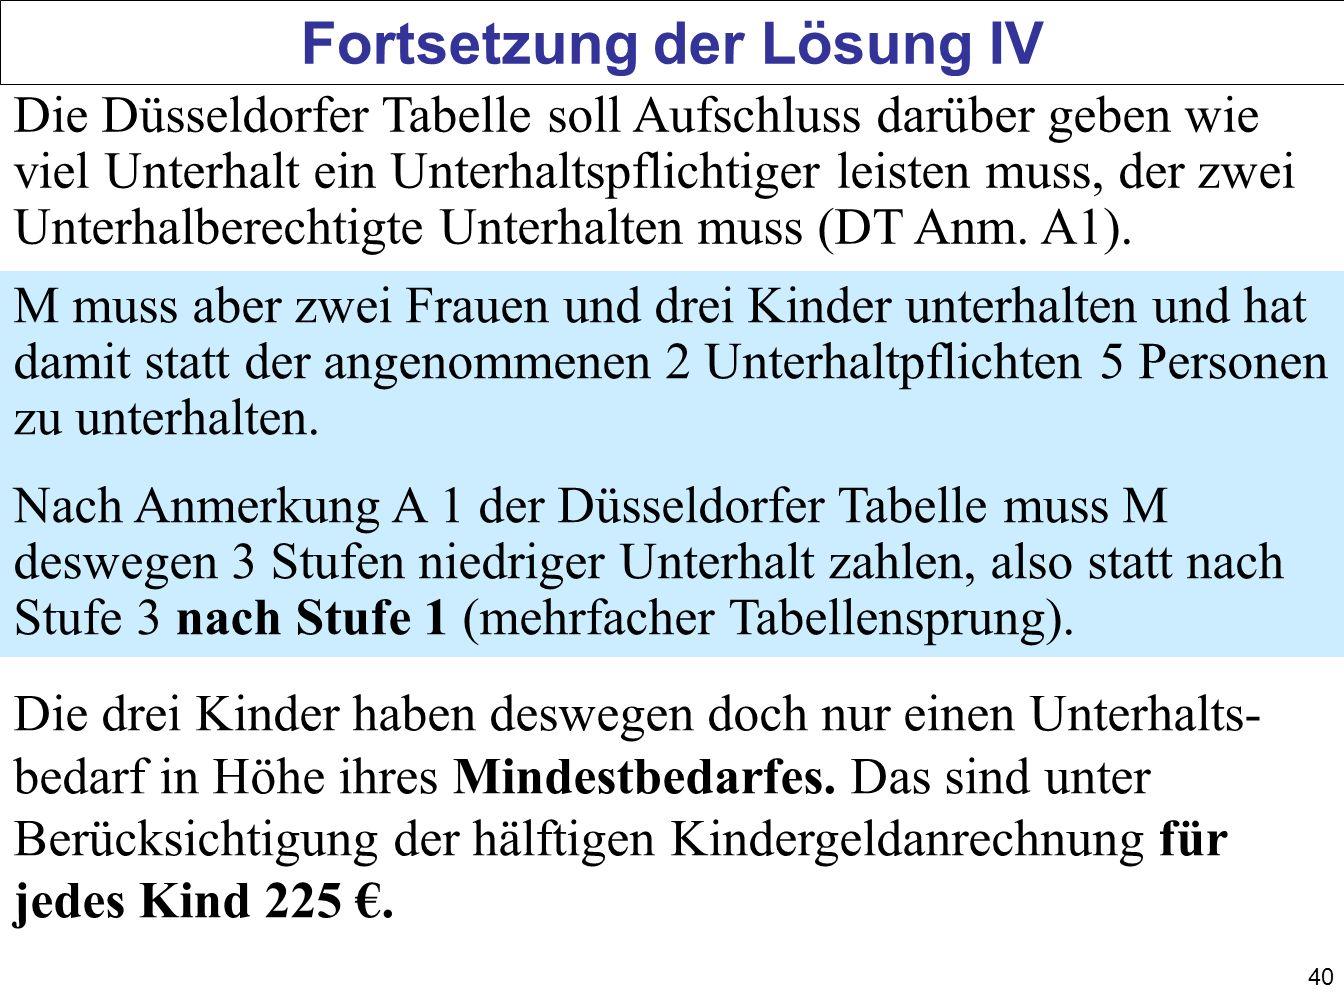 40 Fortsetzung der Lösung IV Die Düsseldorfer Tabelle soll Aufschluss darüber geben wie viel Unterhalt ein Unterhaltspflichtiger leisten muss, der zwe